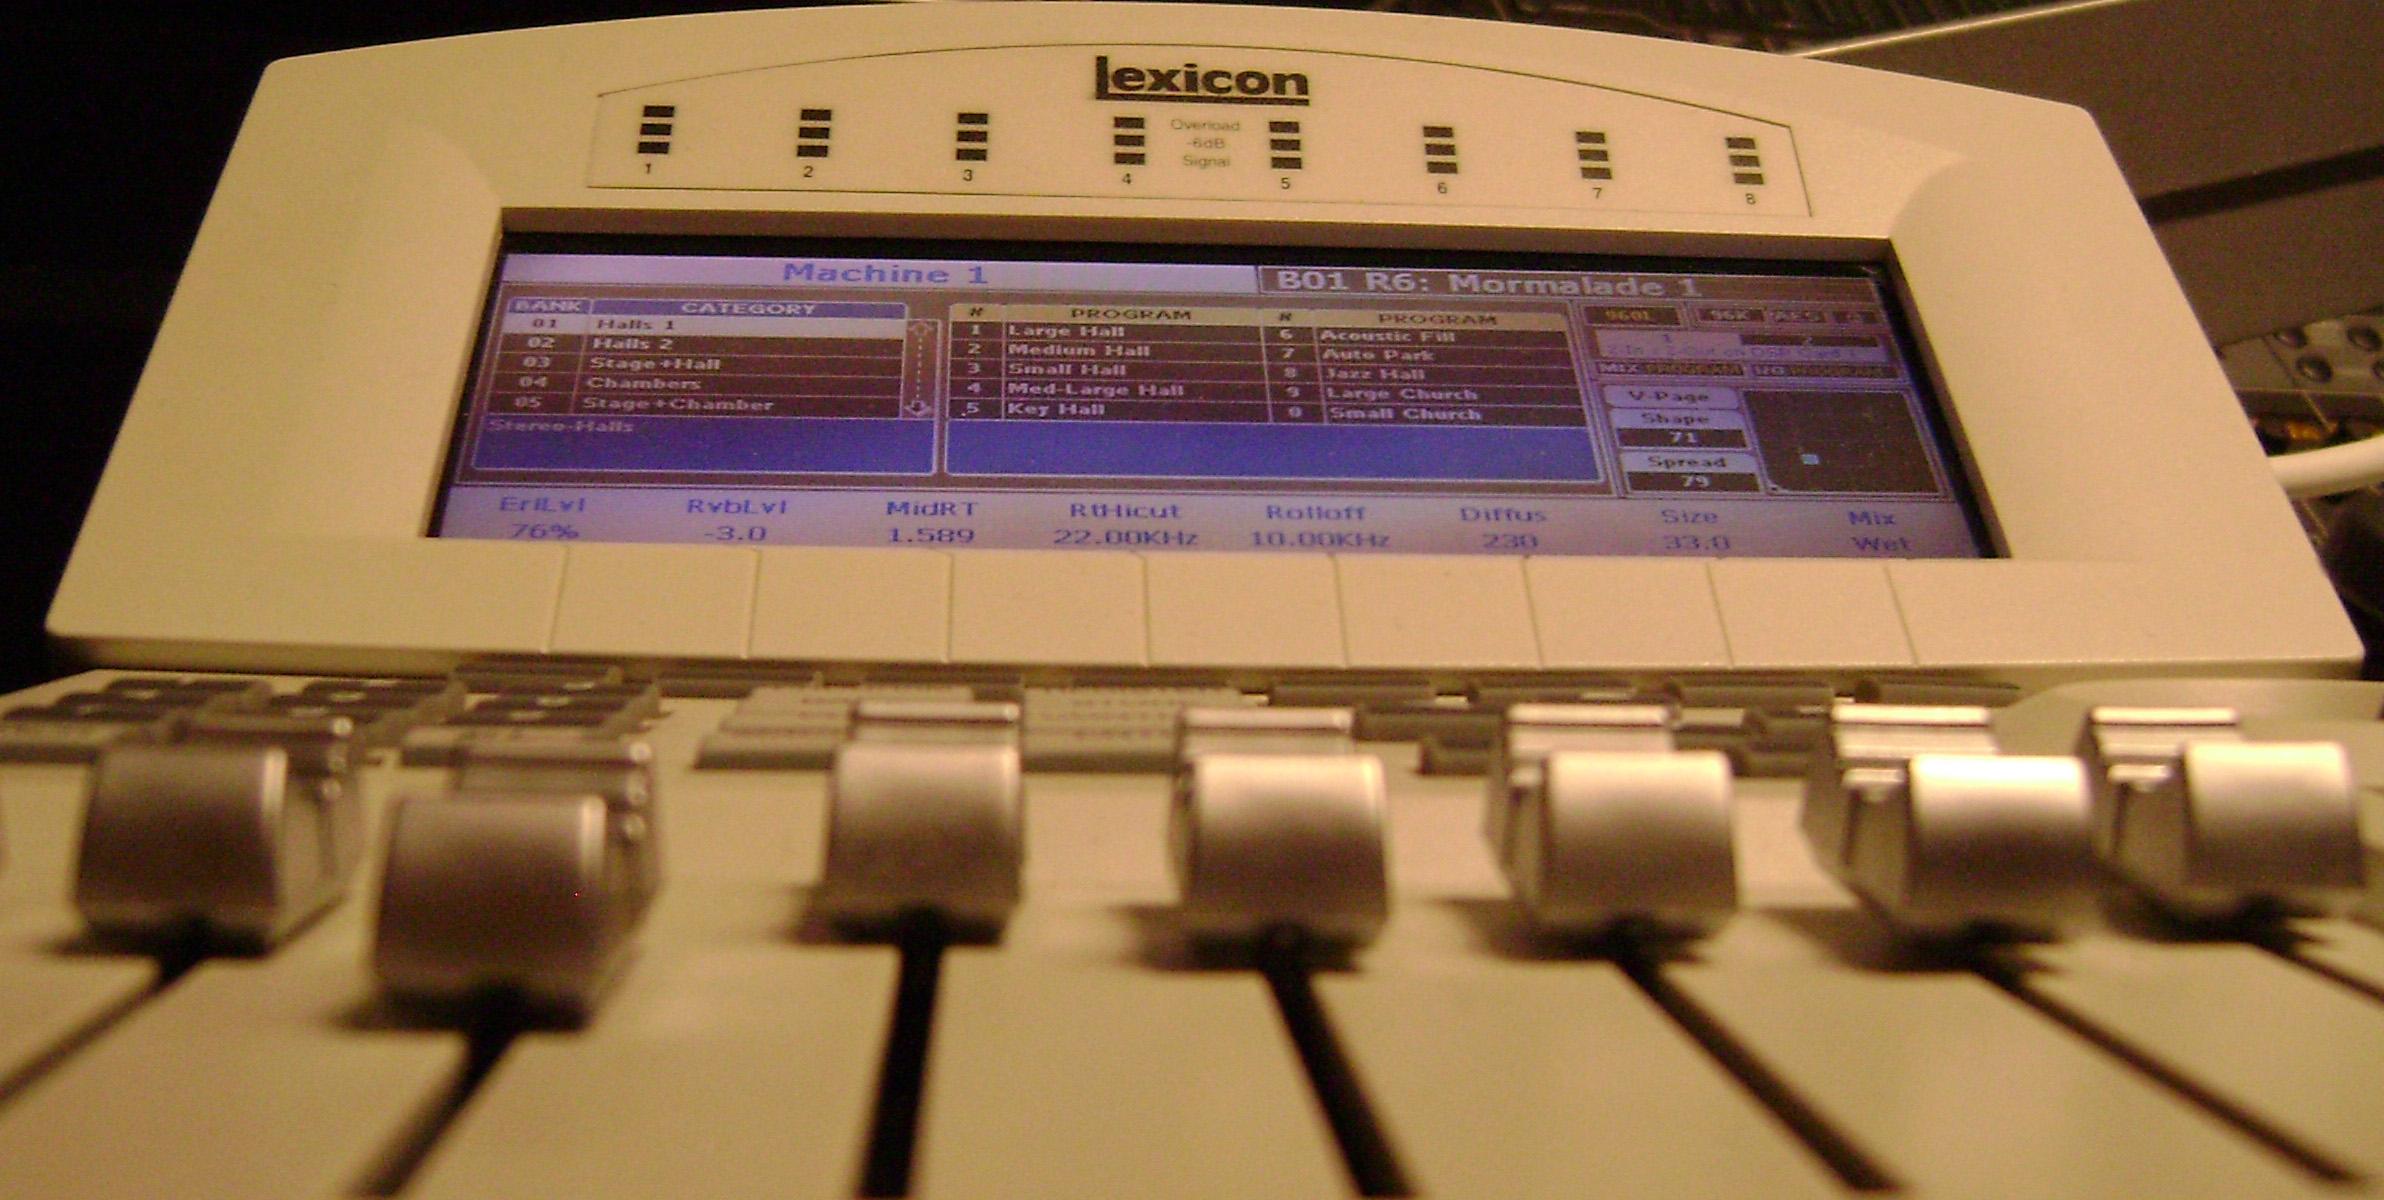 Lexicon2.jpg